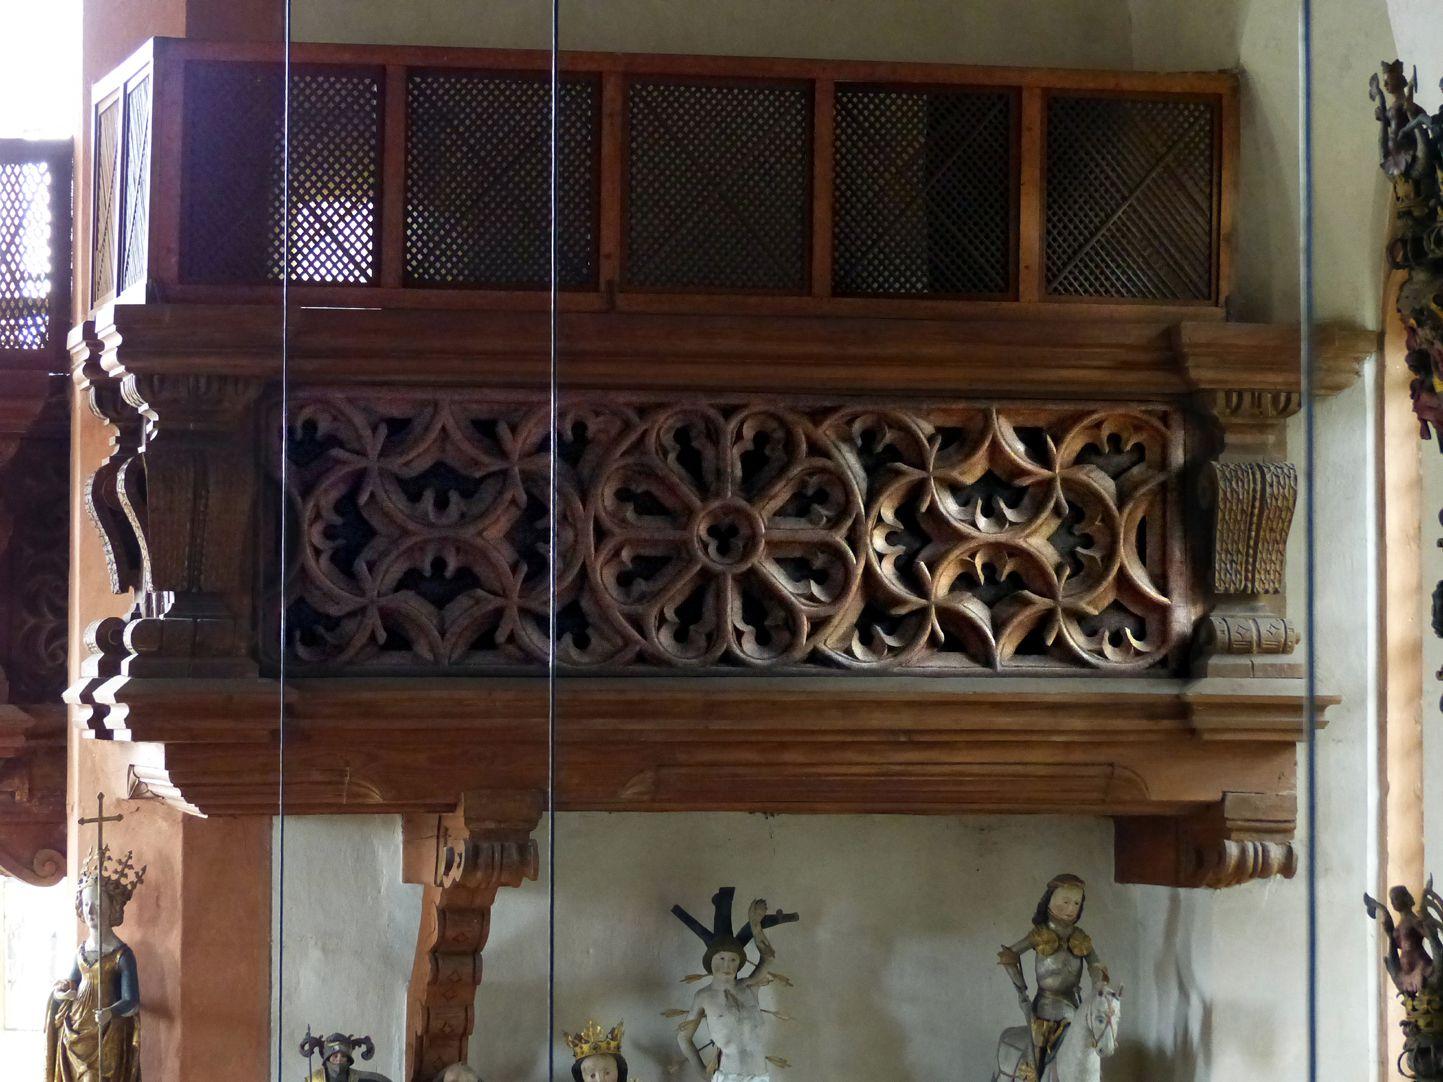 Holzemporen in der Kirche St. Marien und Christophorus, Kalbensteinberg Herrschaftsloge, westlicher Teil, Vorderansicht